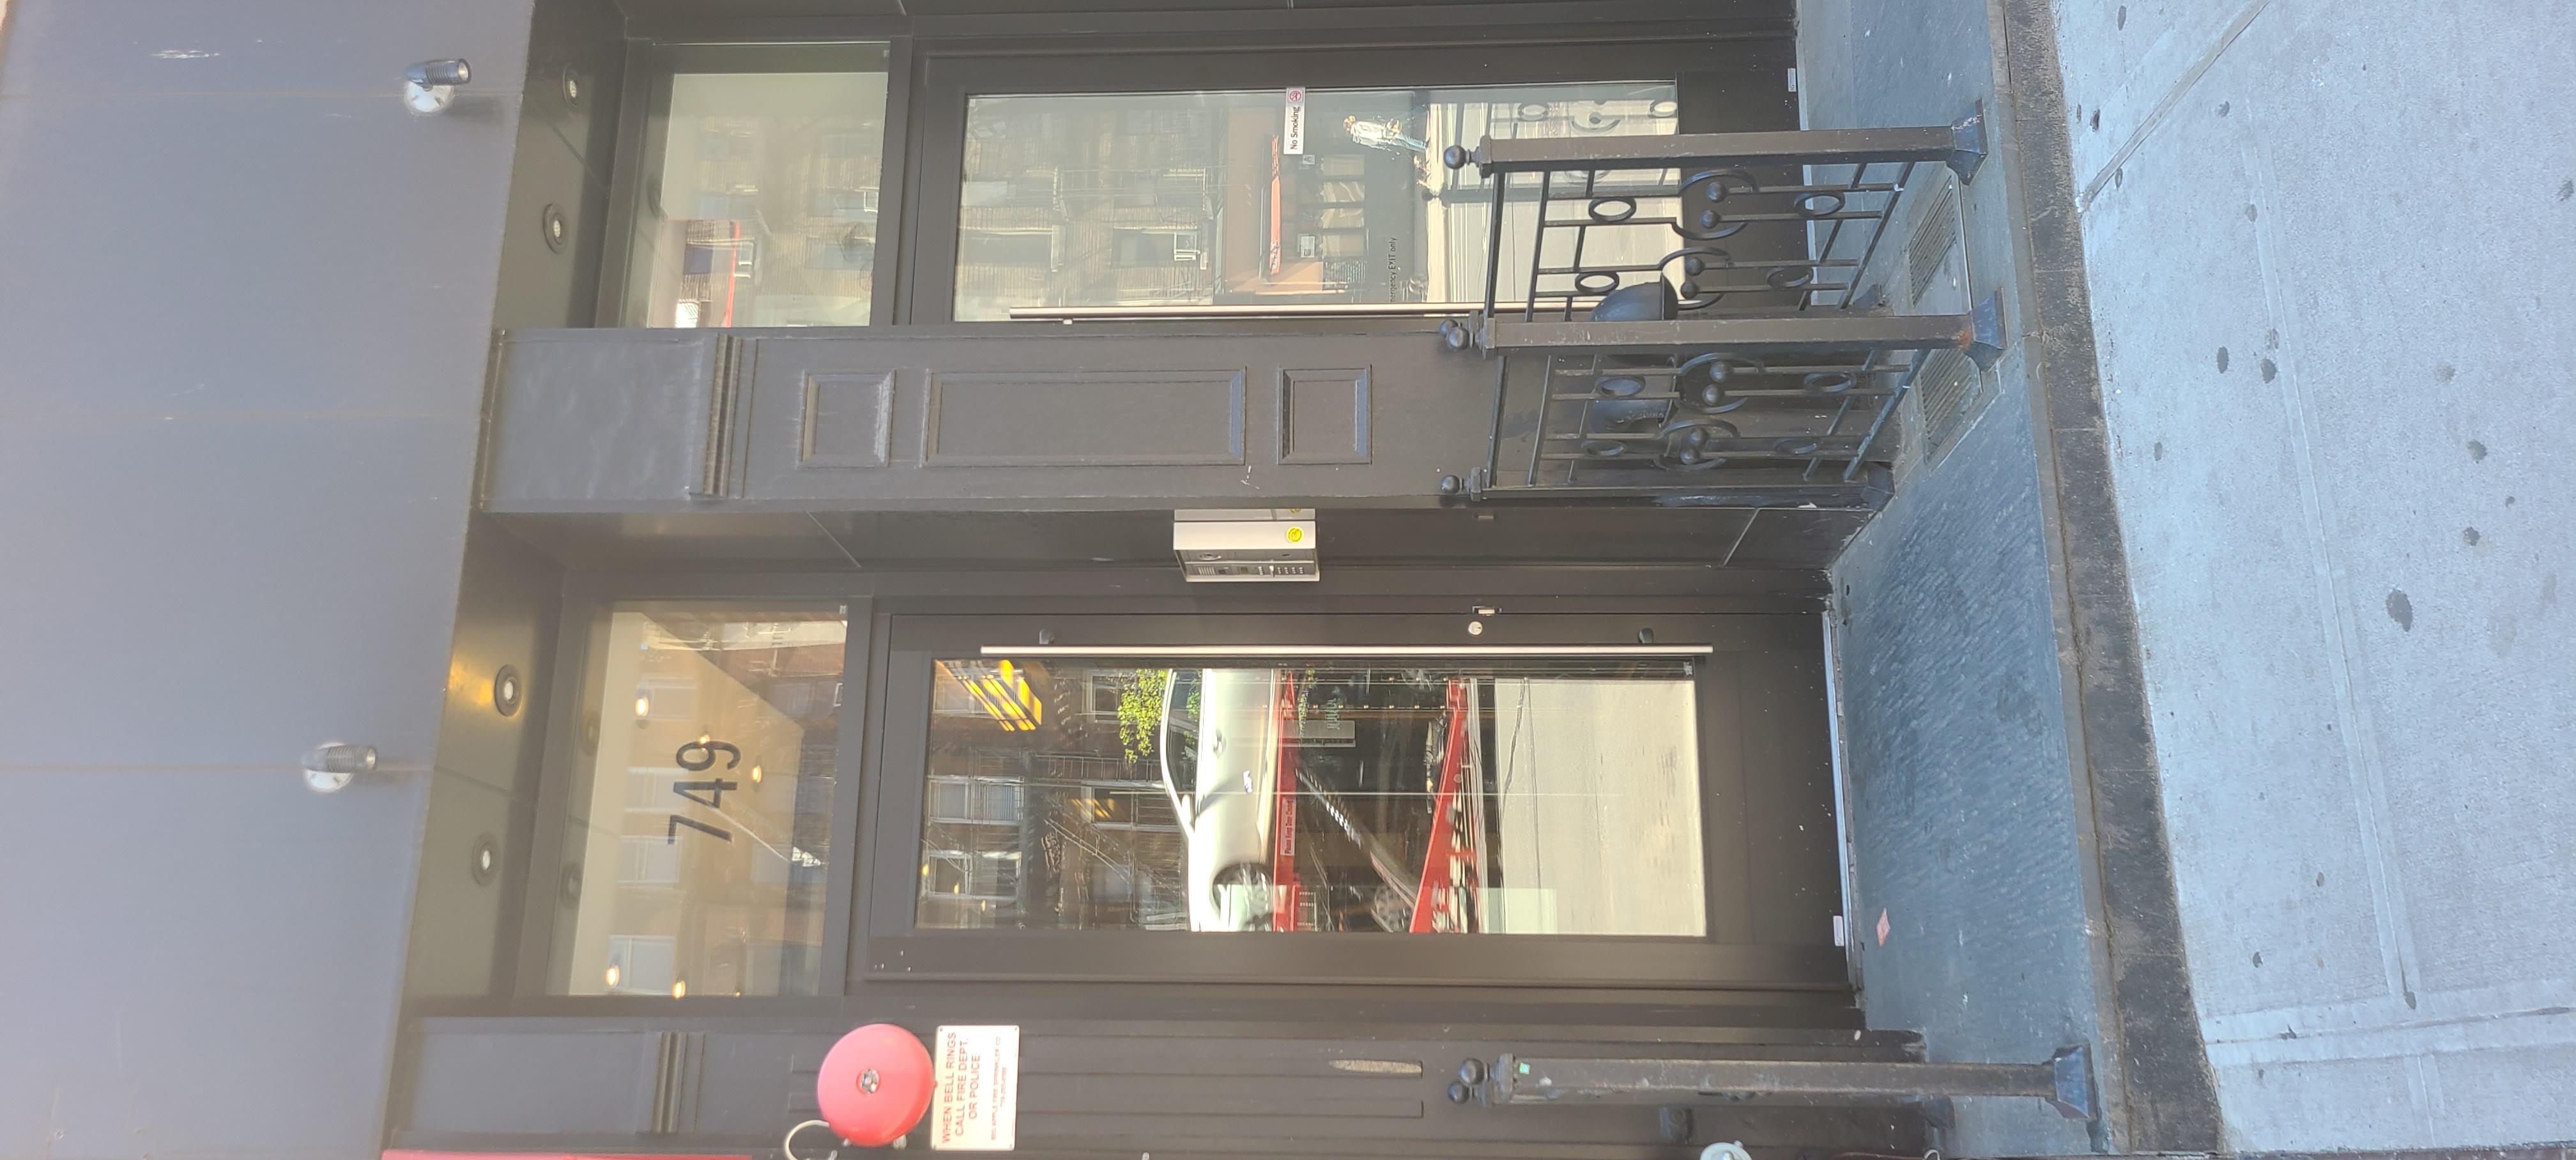 749 Ninth Avenue Clinton New York NY 10019